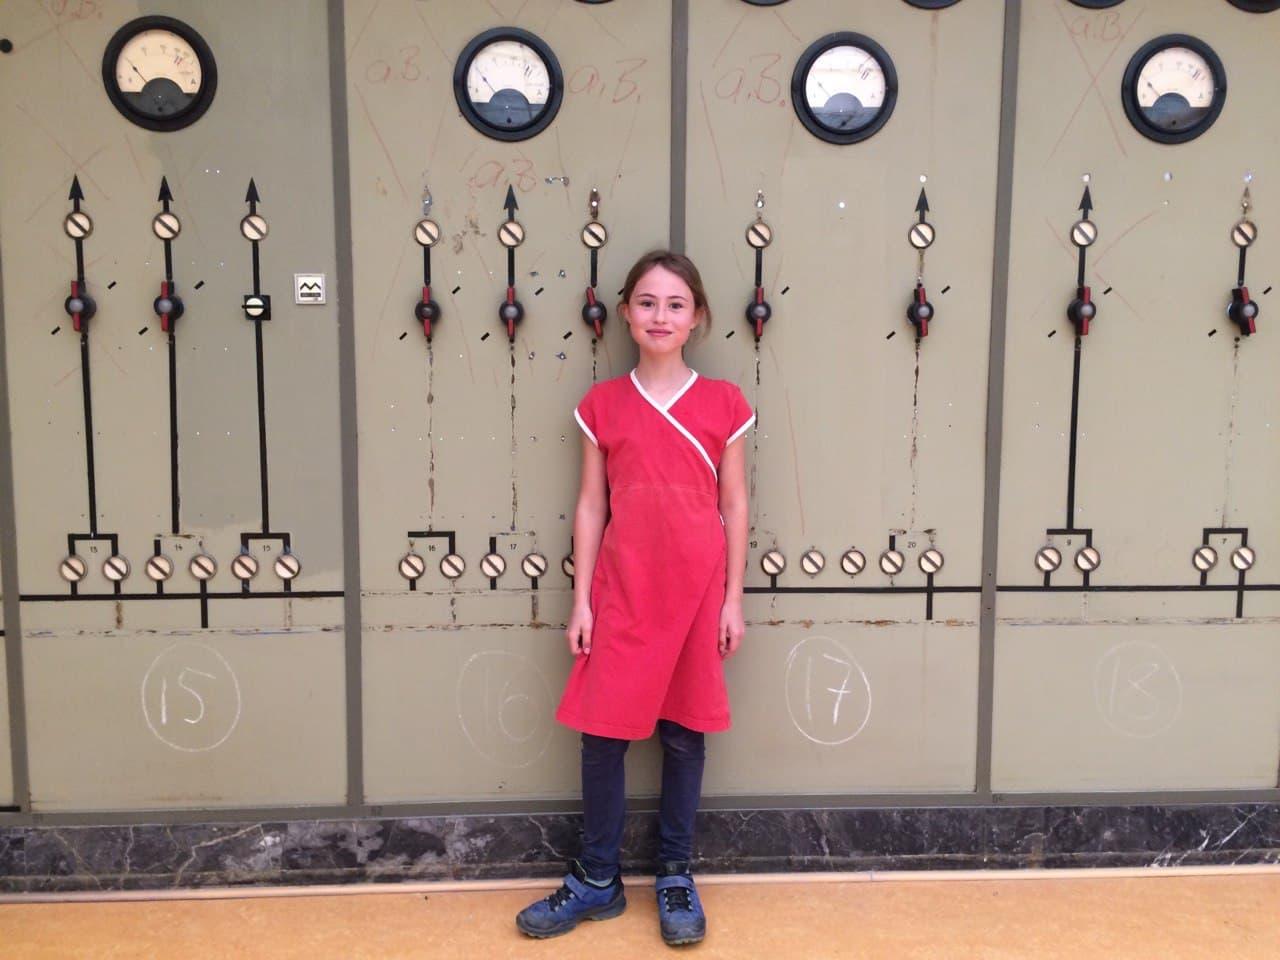 Doro steht vor verschiedenen Kontrollgeräten. Sie trägt ein rotes Kleid, eine blaue Hose und dunkle Turnschuhe.